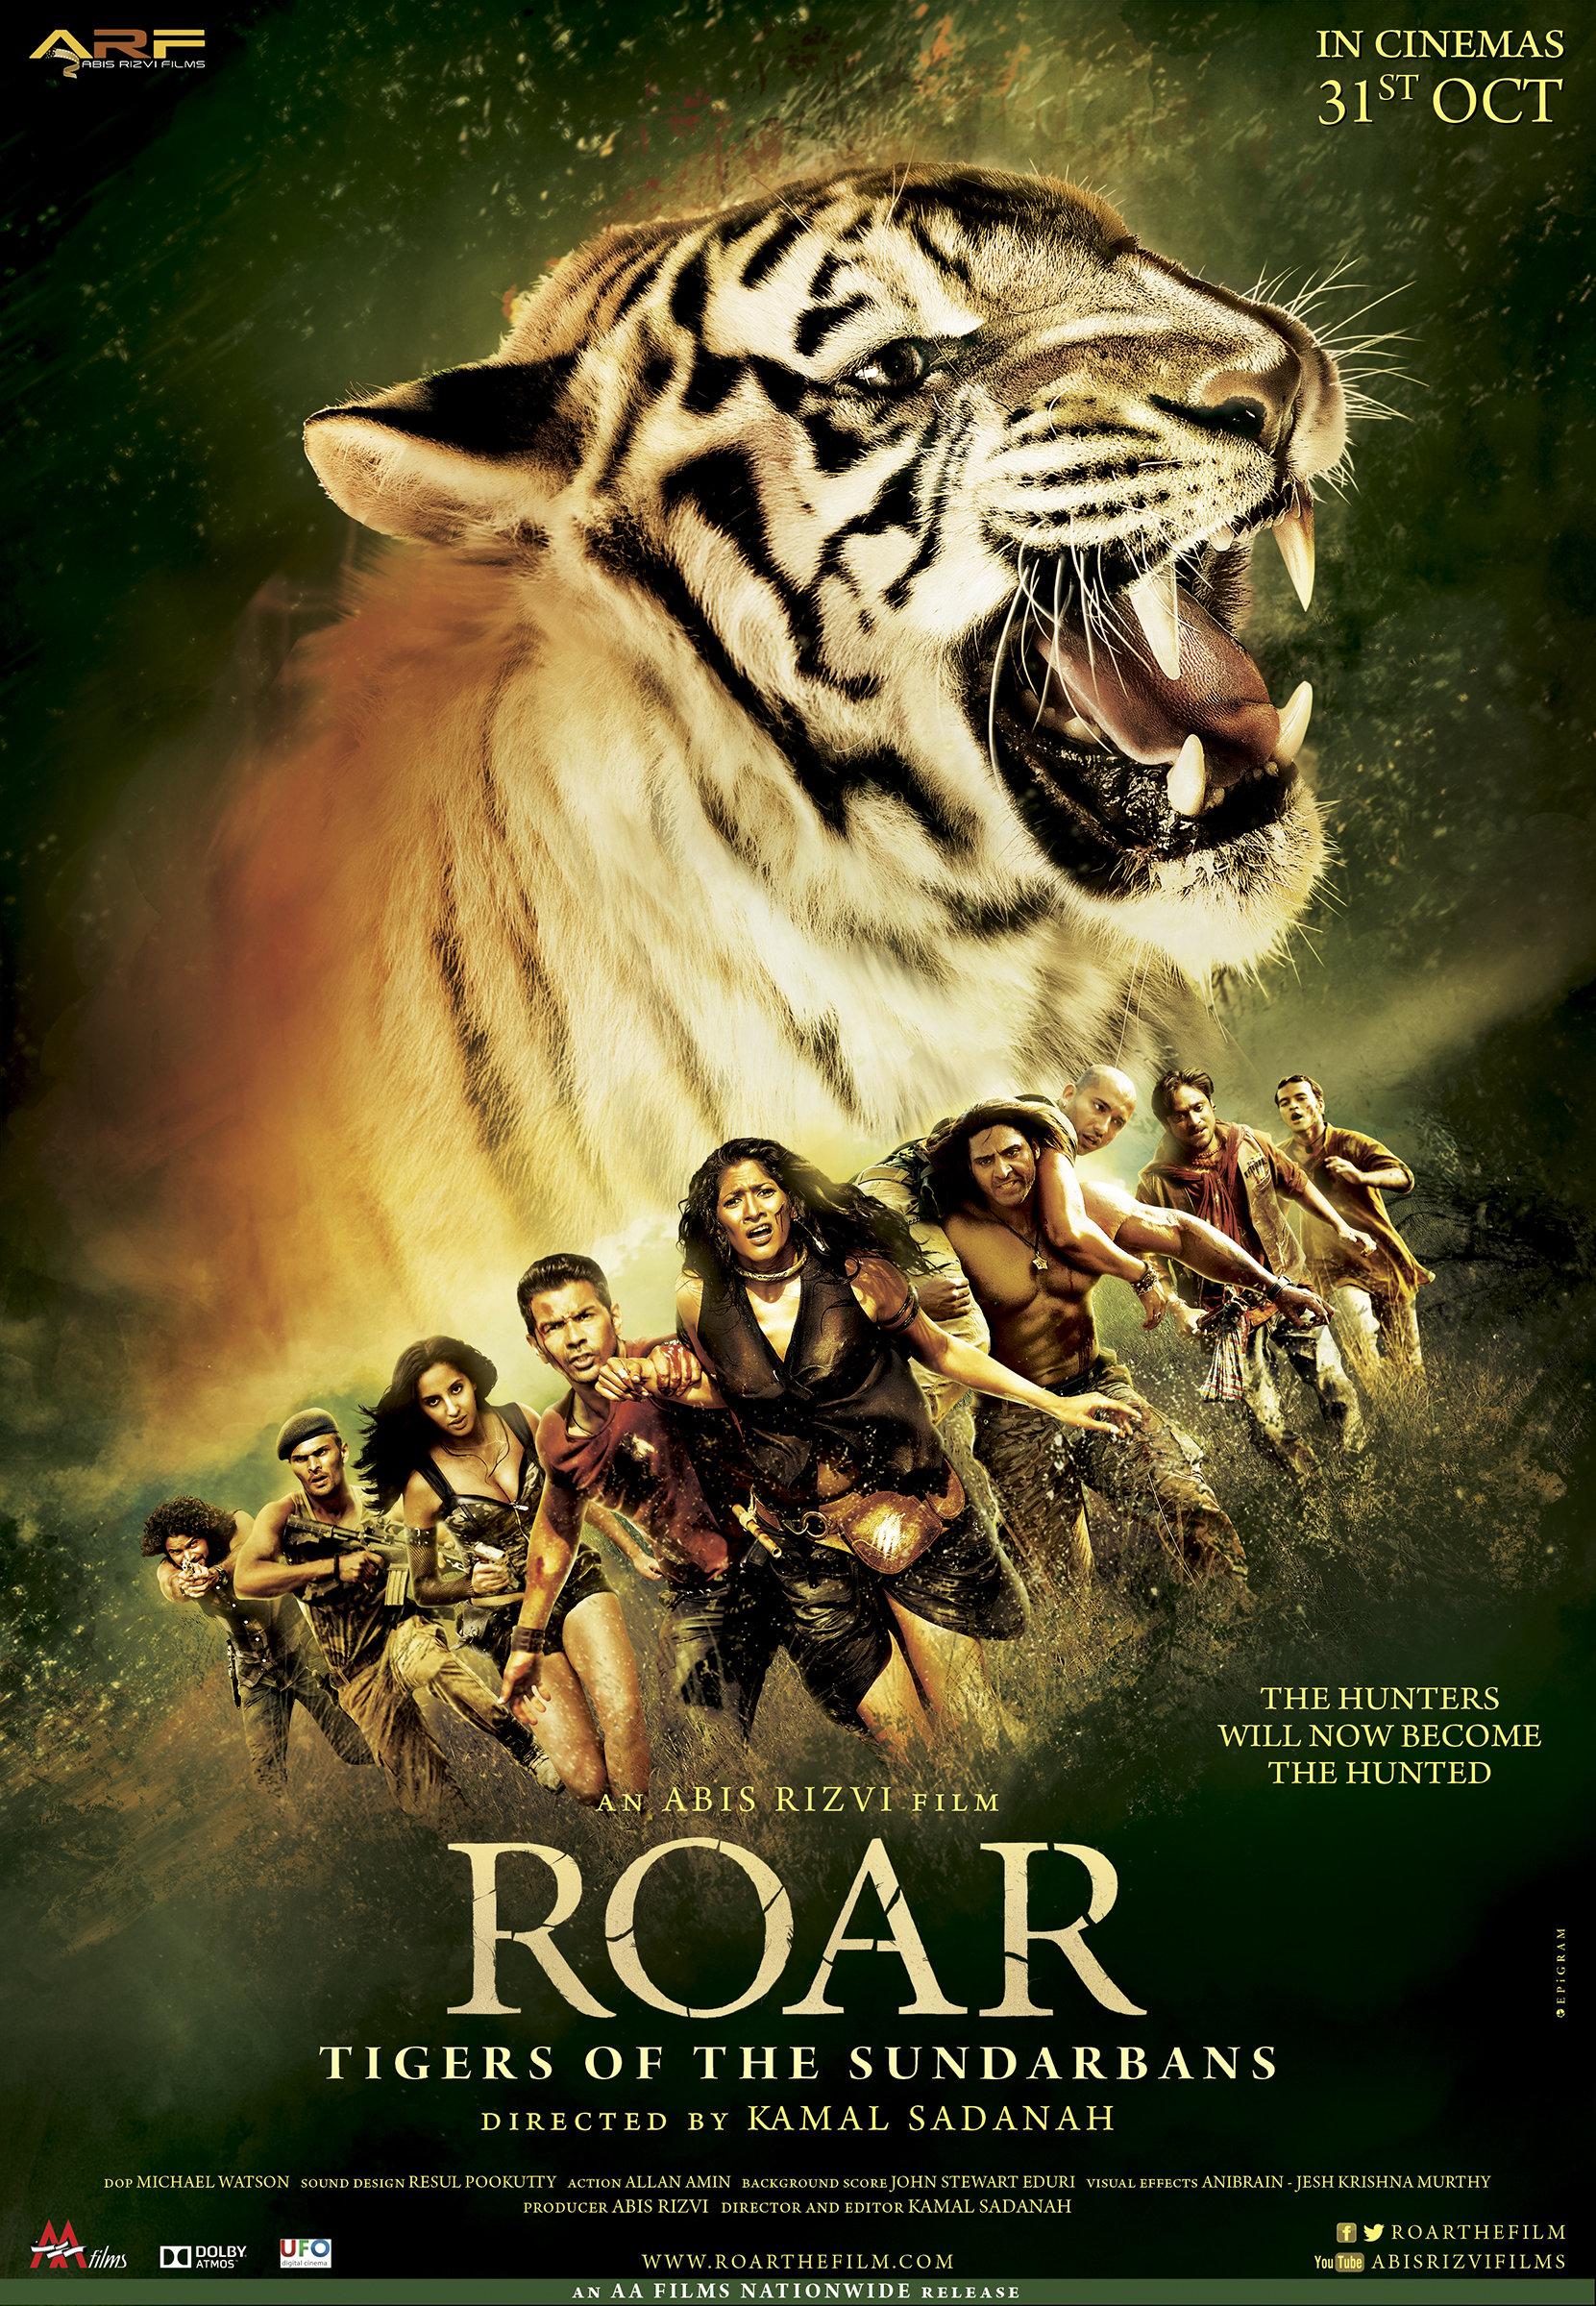 roar les tigres des sunderbans